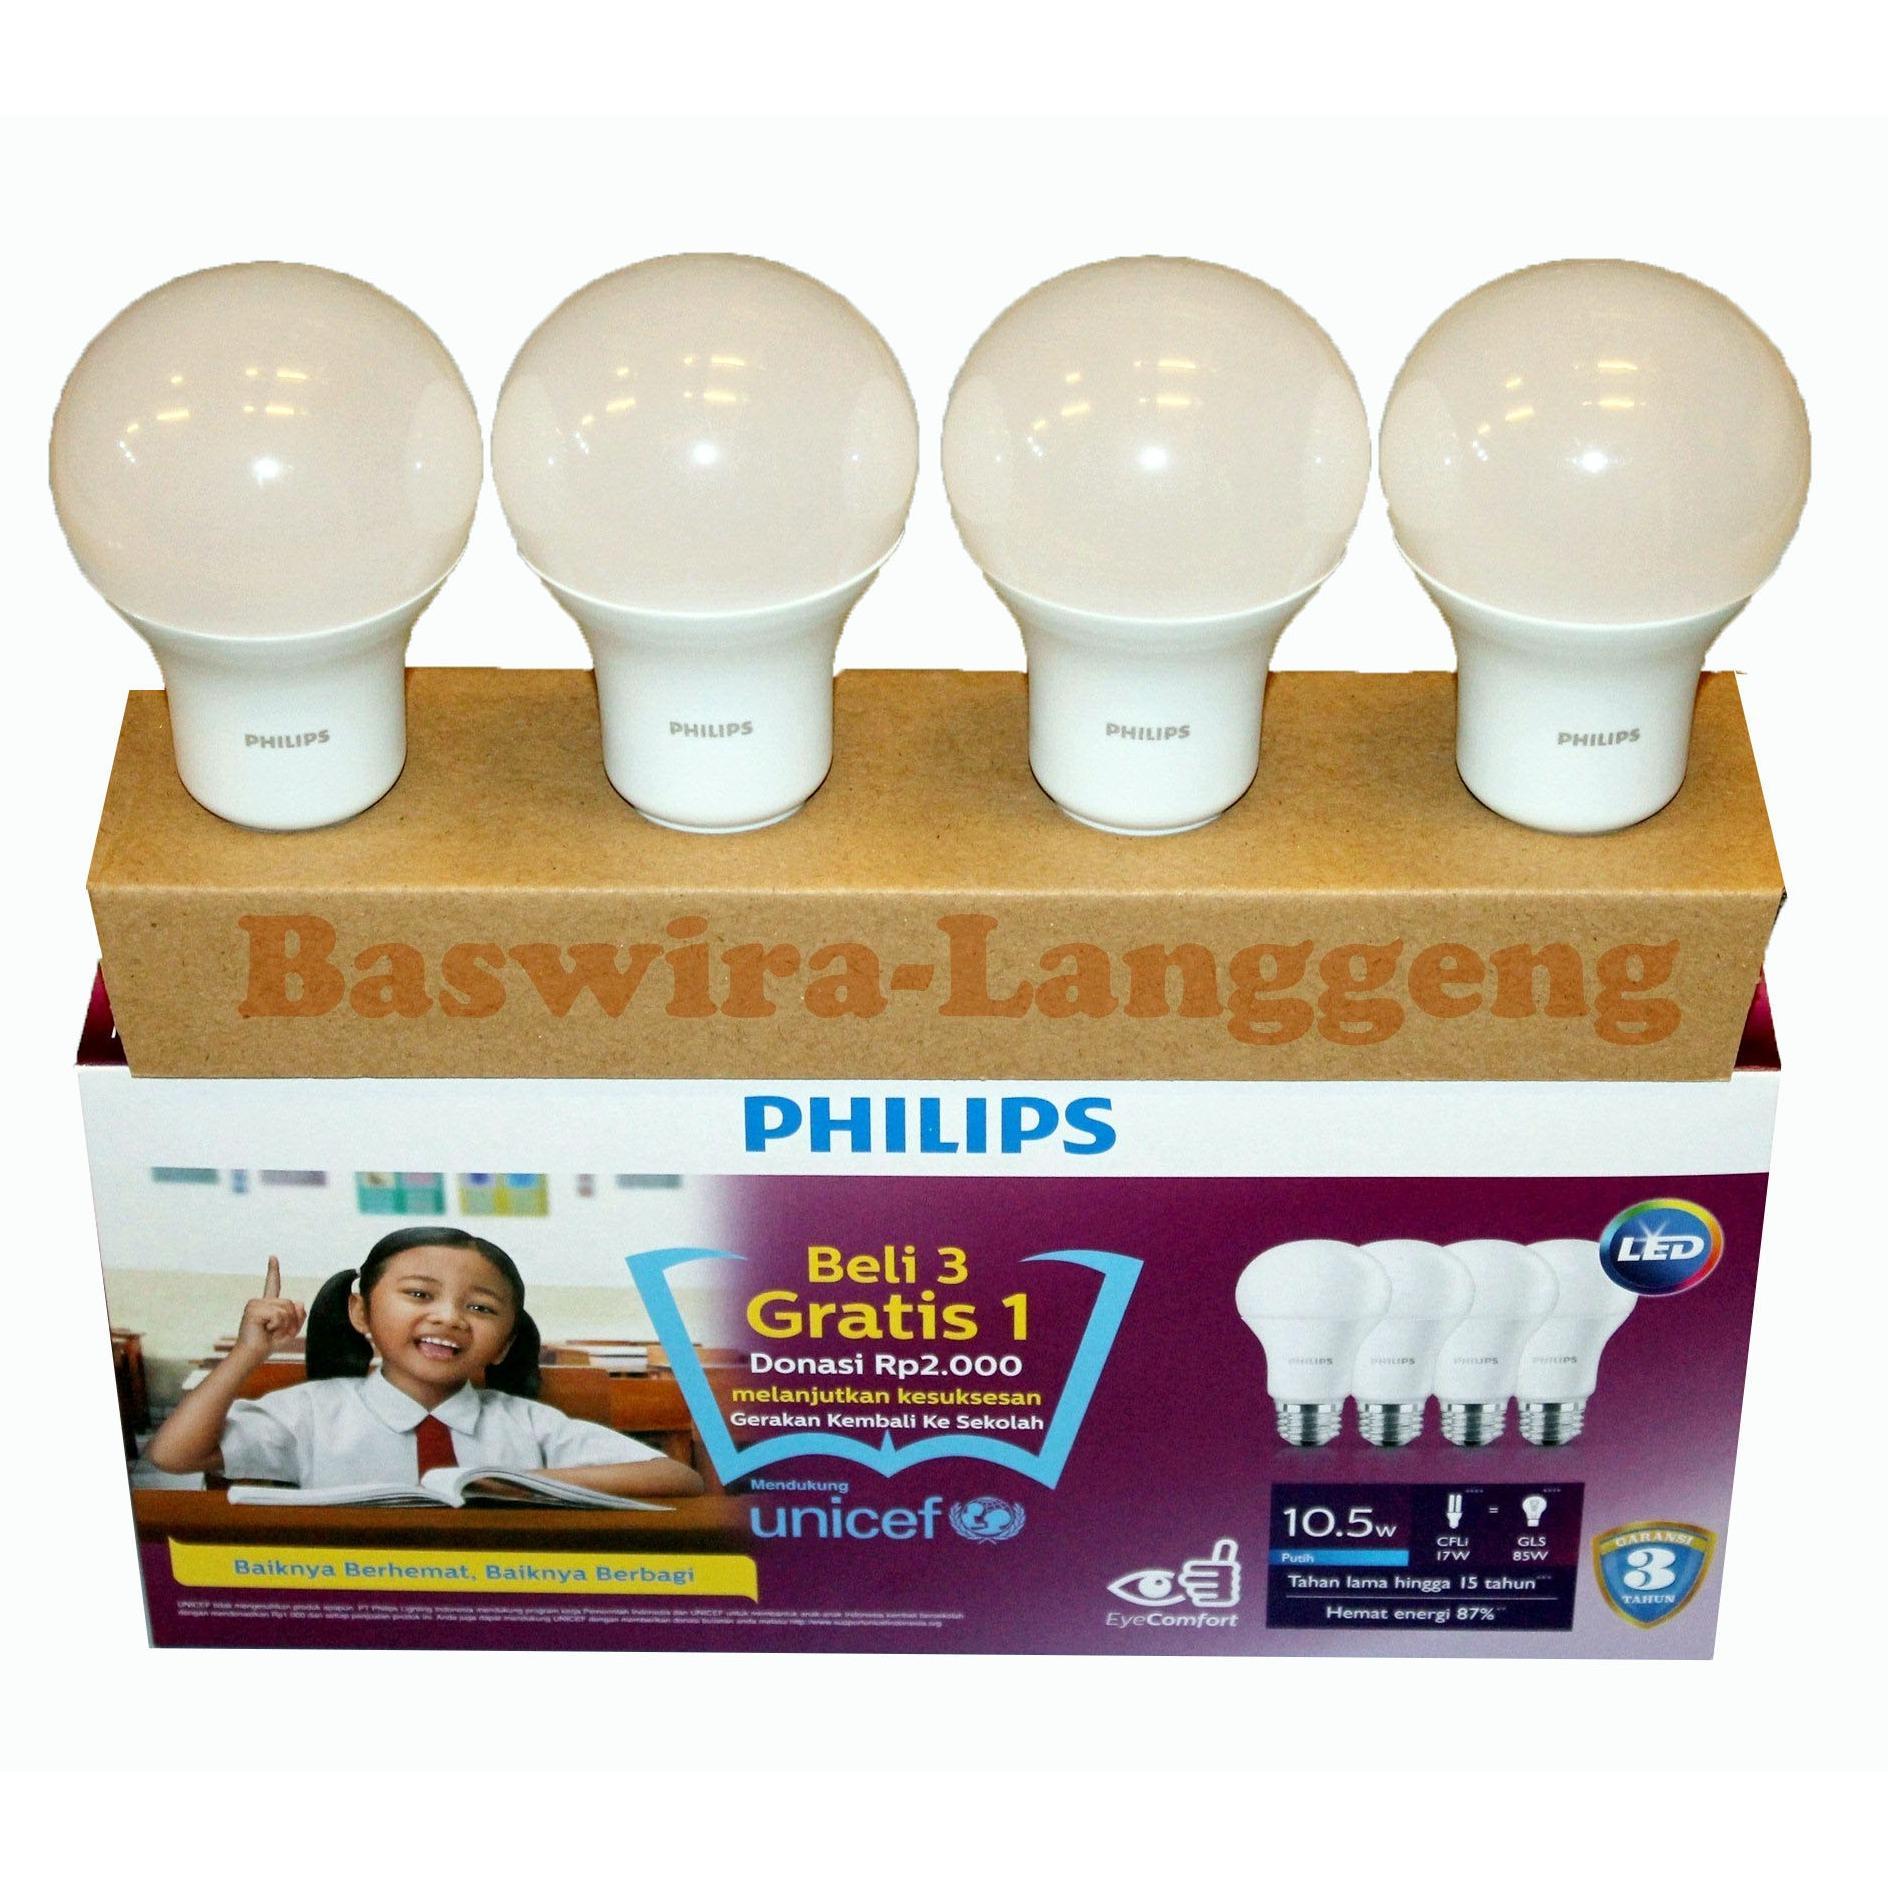 PHILIPS Led Bulb 10,5 Watt 10.5W UNICEF Paket Beli 3 Gratis 1 Putih